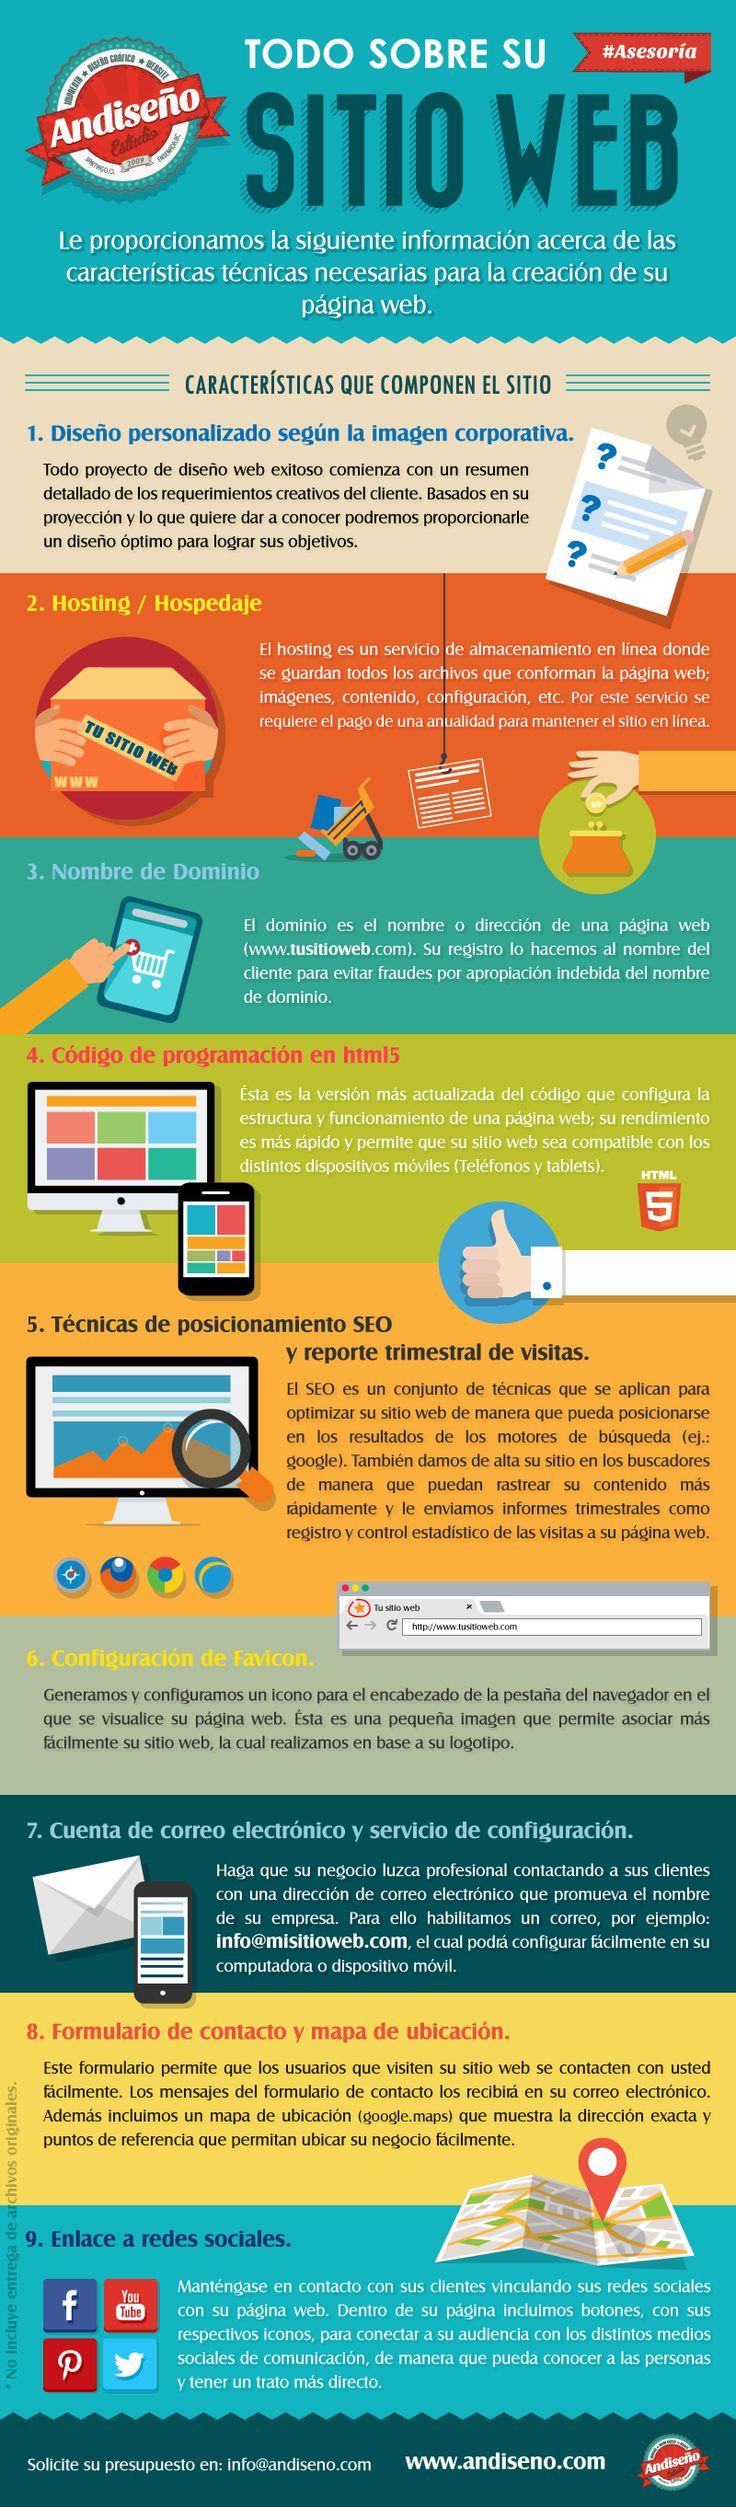 Infográfico acerca de las principales características que incluye nuestro servicio de páginas web.  #paginasweb #diseñoweb #webdesign #infografico